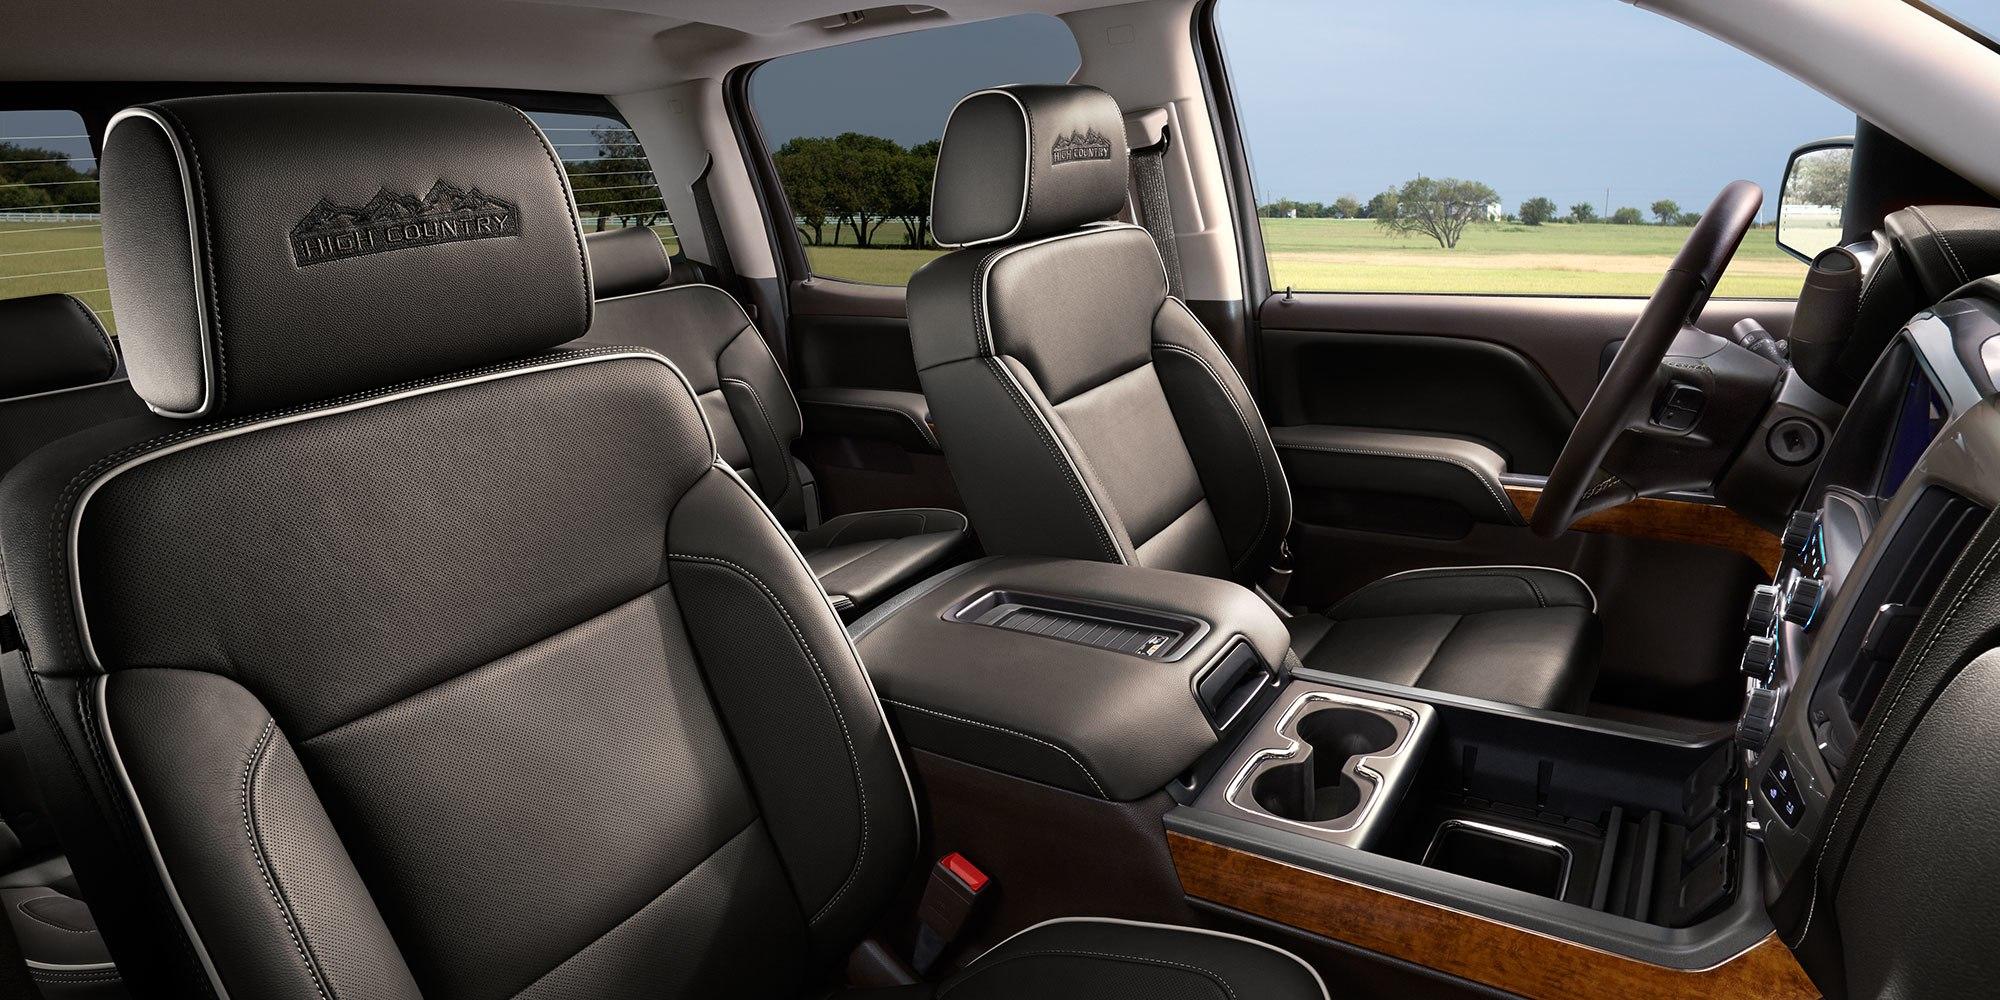 2018 Chevrolet Silverado 1500 Front Seating